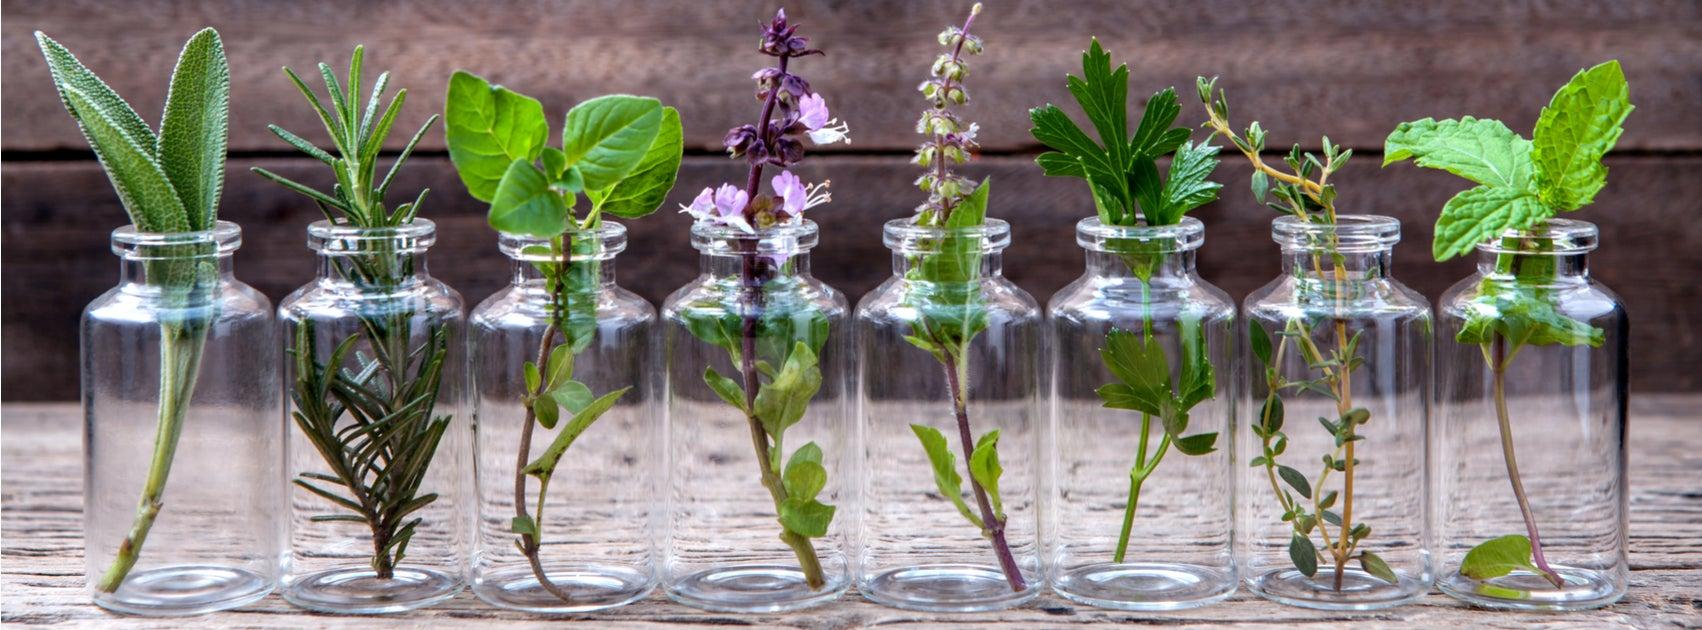 ¿Cómo elegir plantas de interior correctamente?